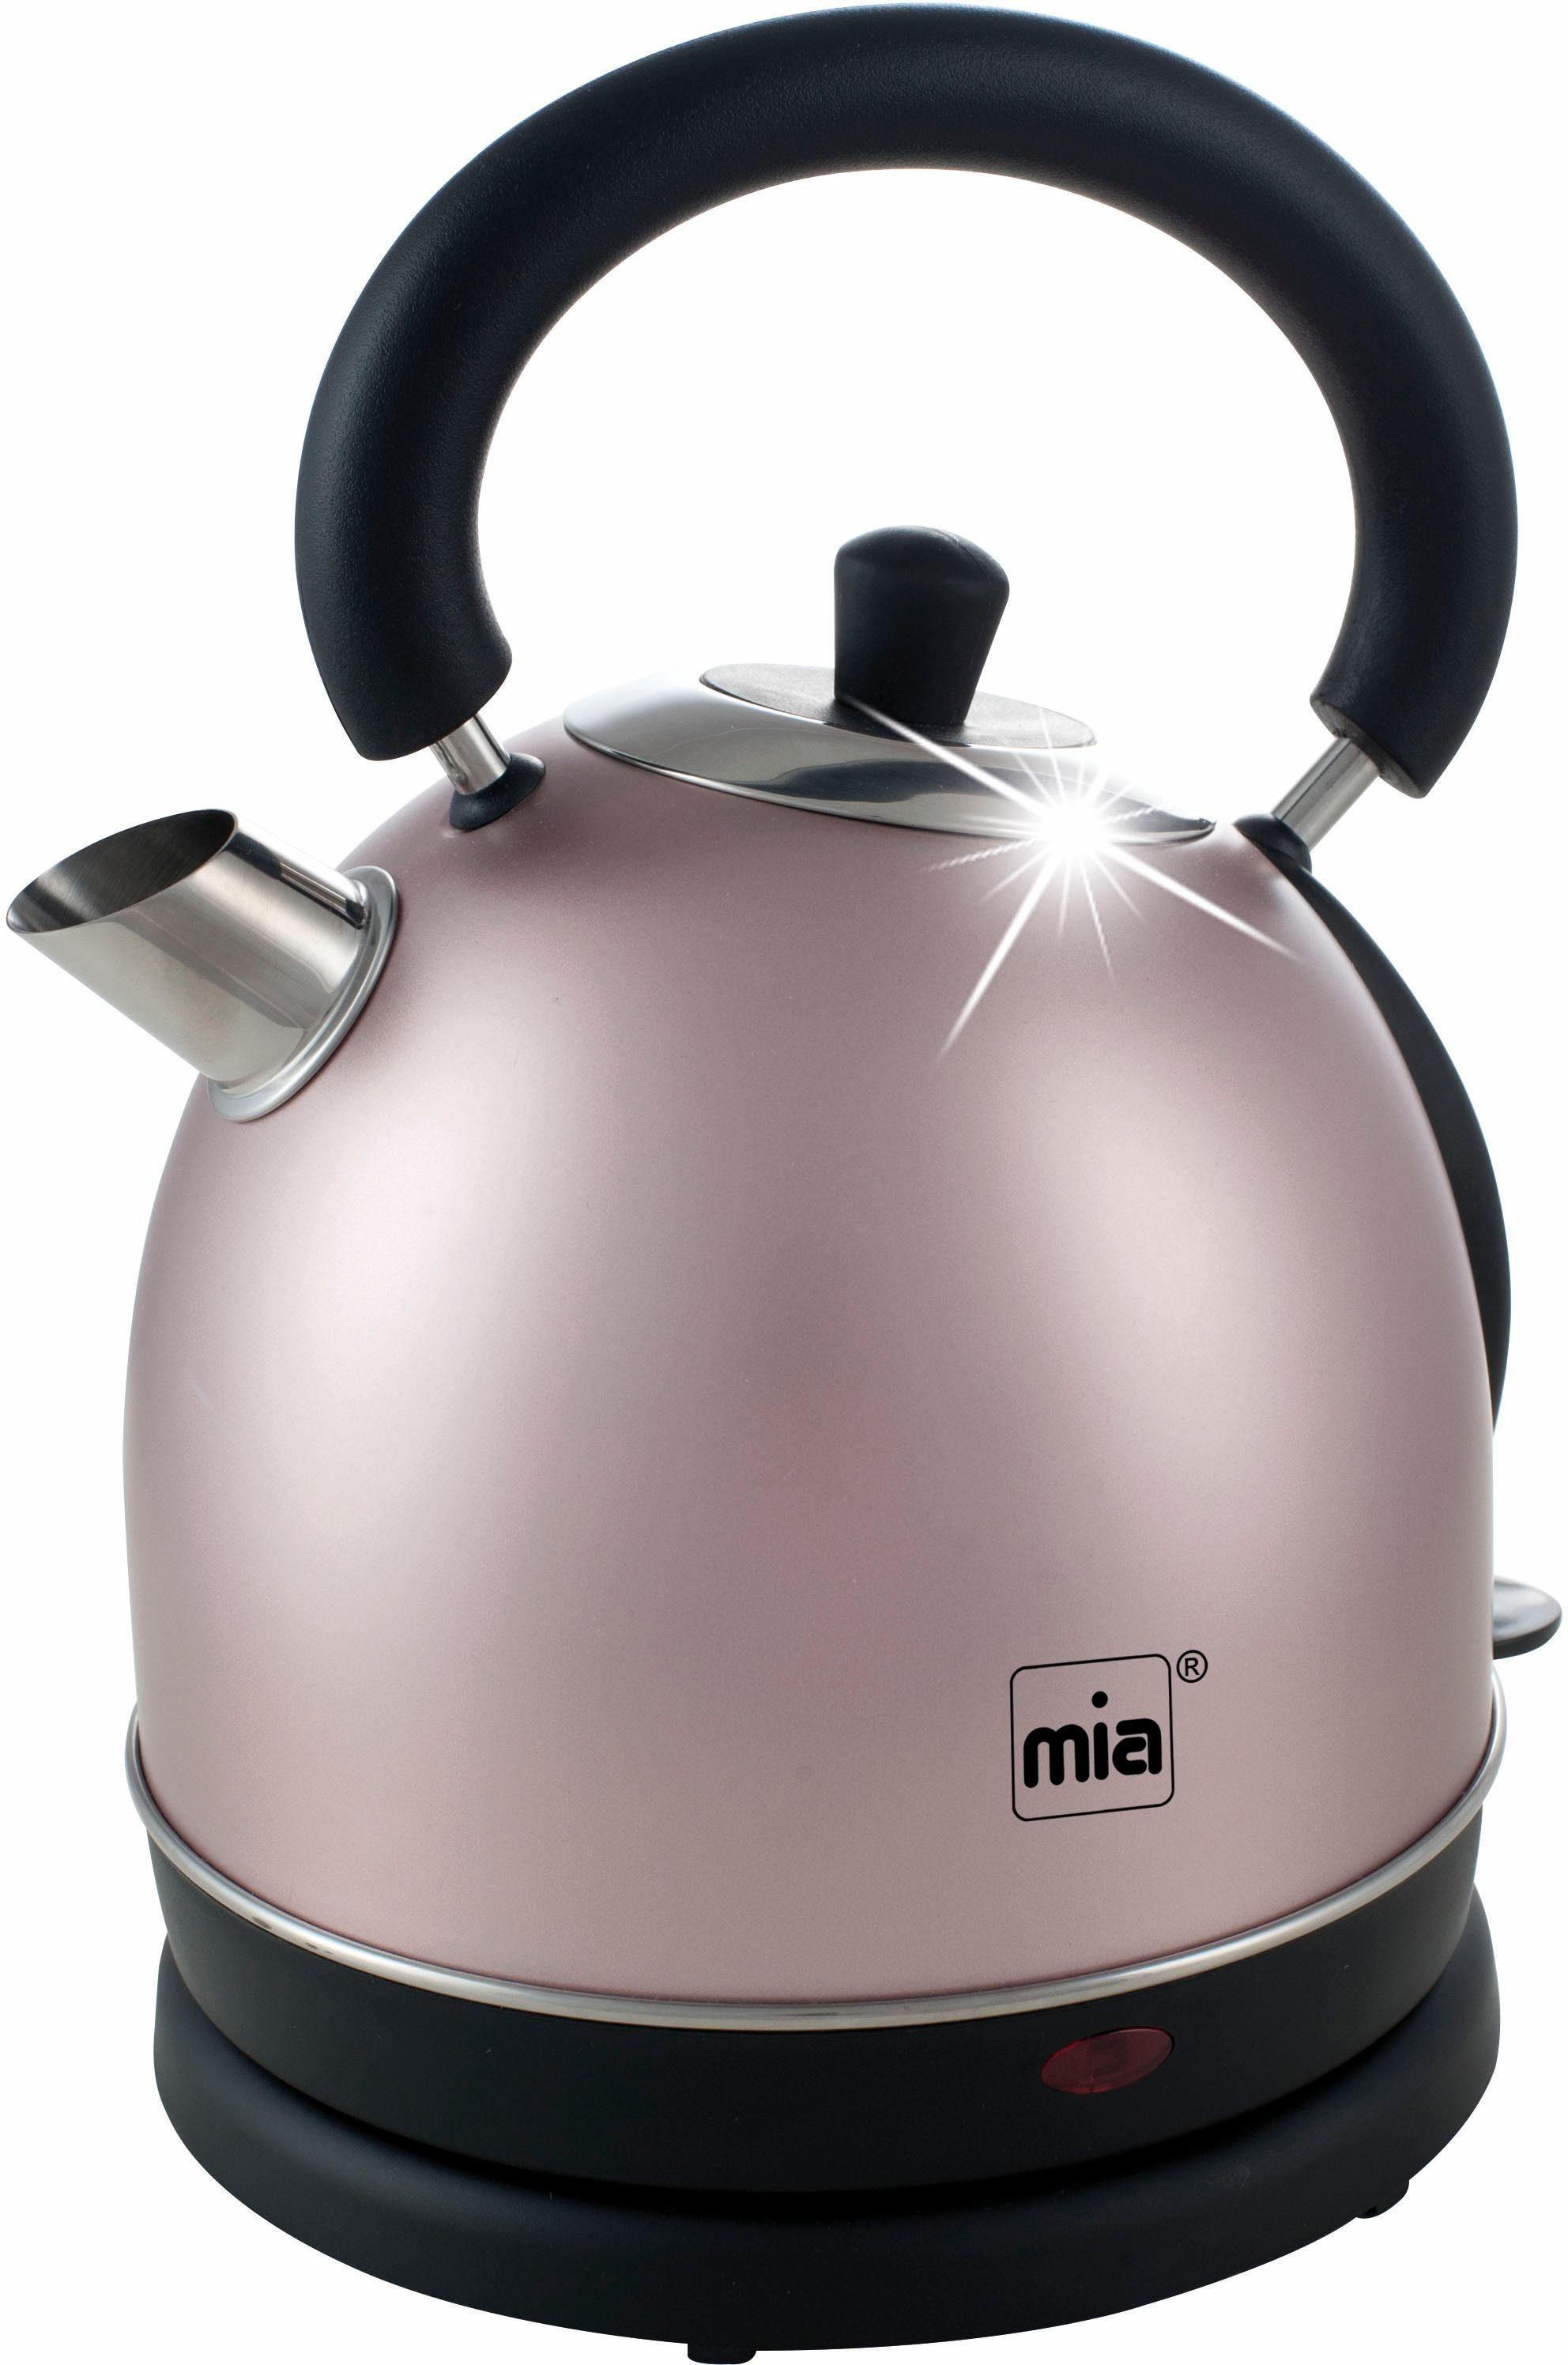 MIA Wasserkocher EW3686RG, 1,8 l, 2200 W